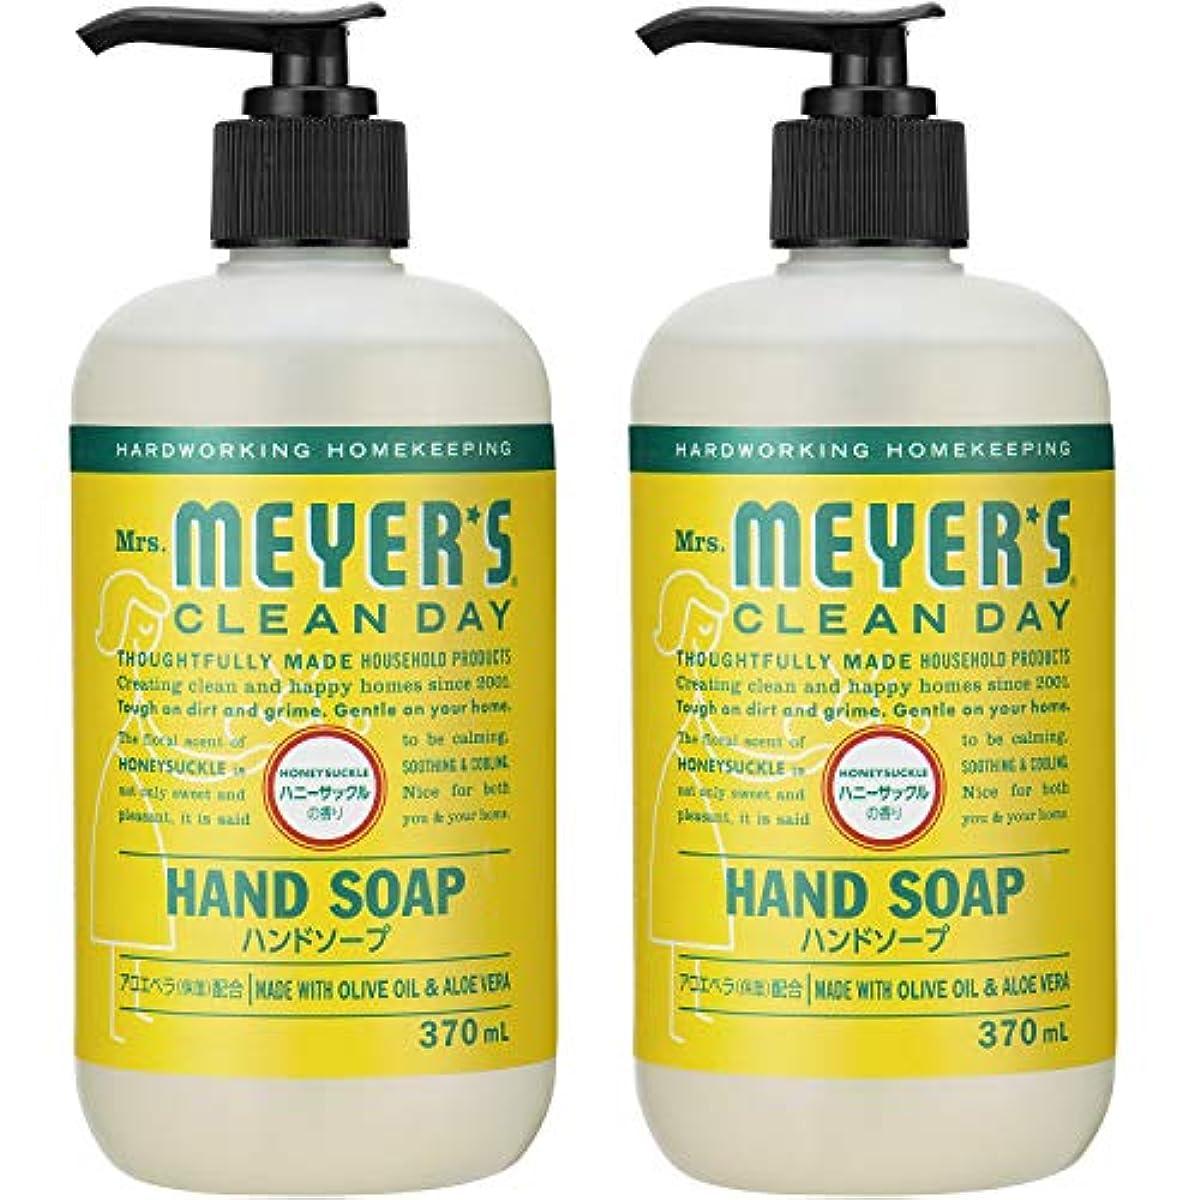 バブル指定校長Mrs. MEYER'S CLEAN DAY(ミセスマイヤーズ クリーンデイ) ミセスマイヤーズ クリーンデイ(Mrs.Meyers Clean Day) ハンドソープ ハニーサックルの香り 370ml×2個